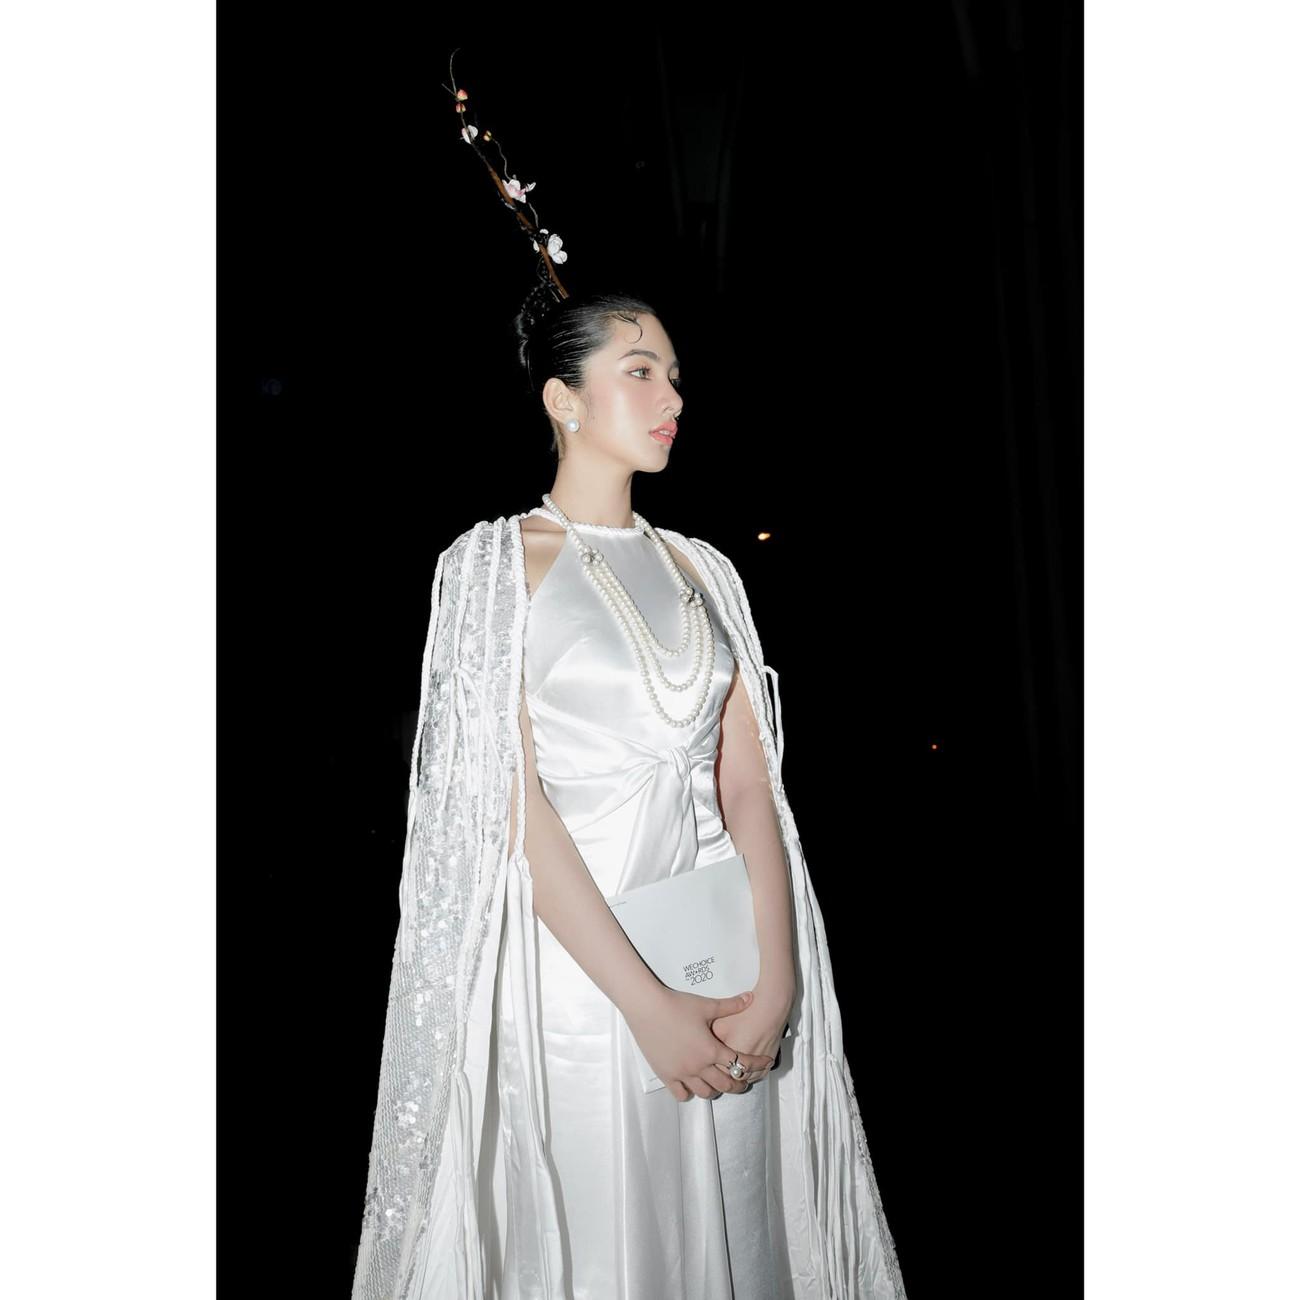 Người đẹp Cẩm Đan diện áo yếm gợi cảm kiêu kỳ ảnh 3